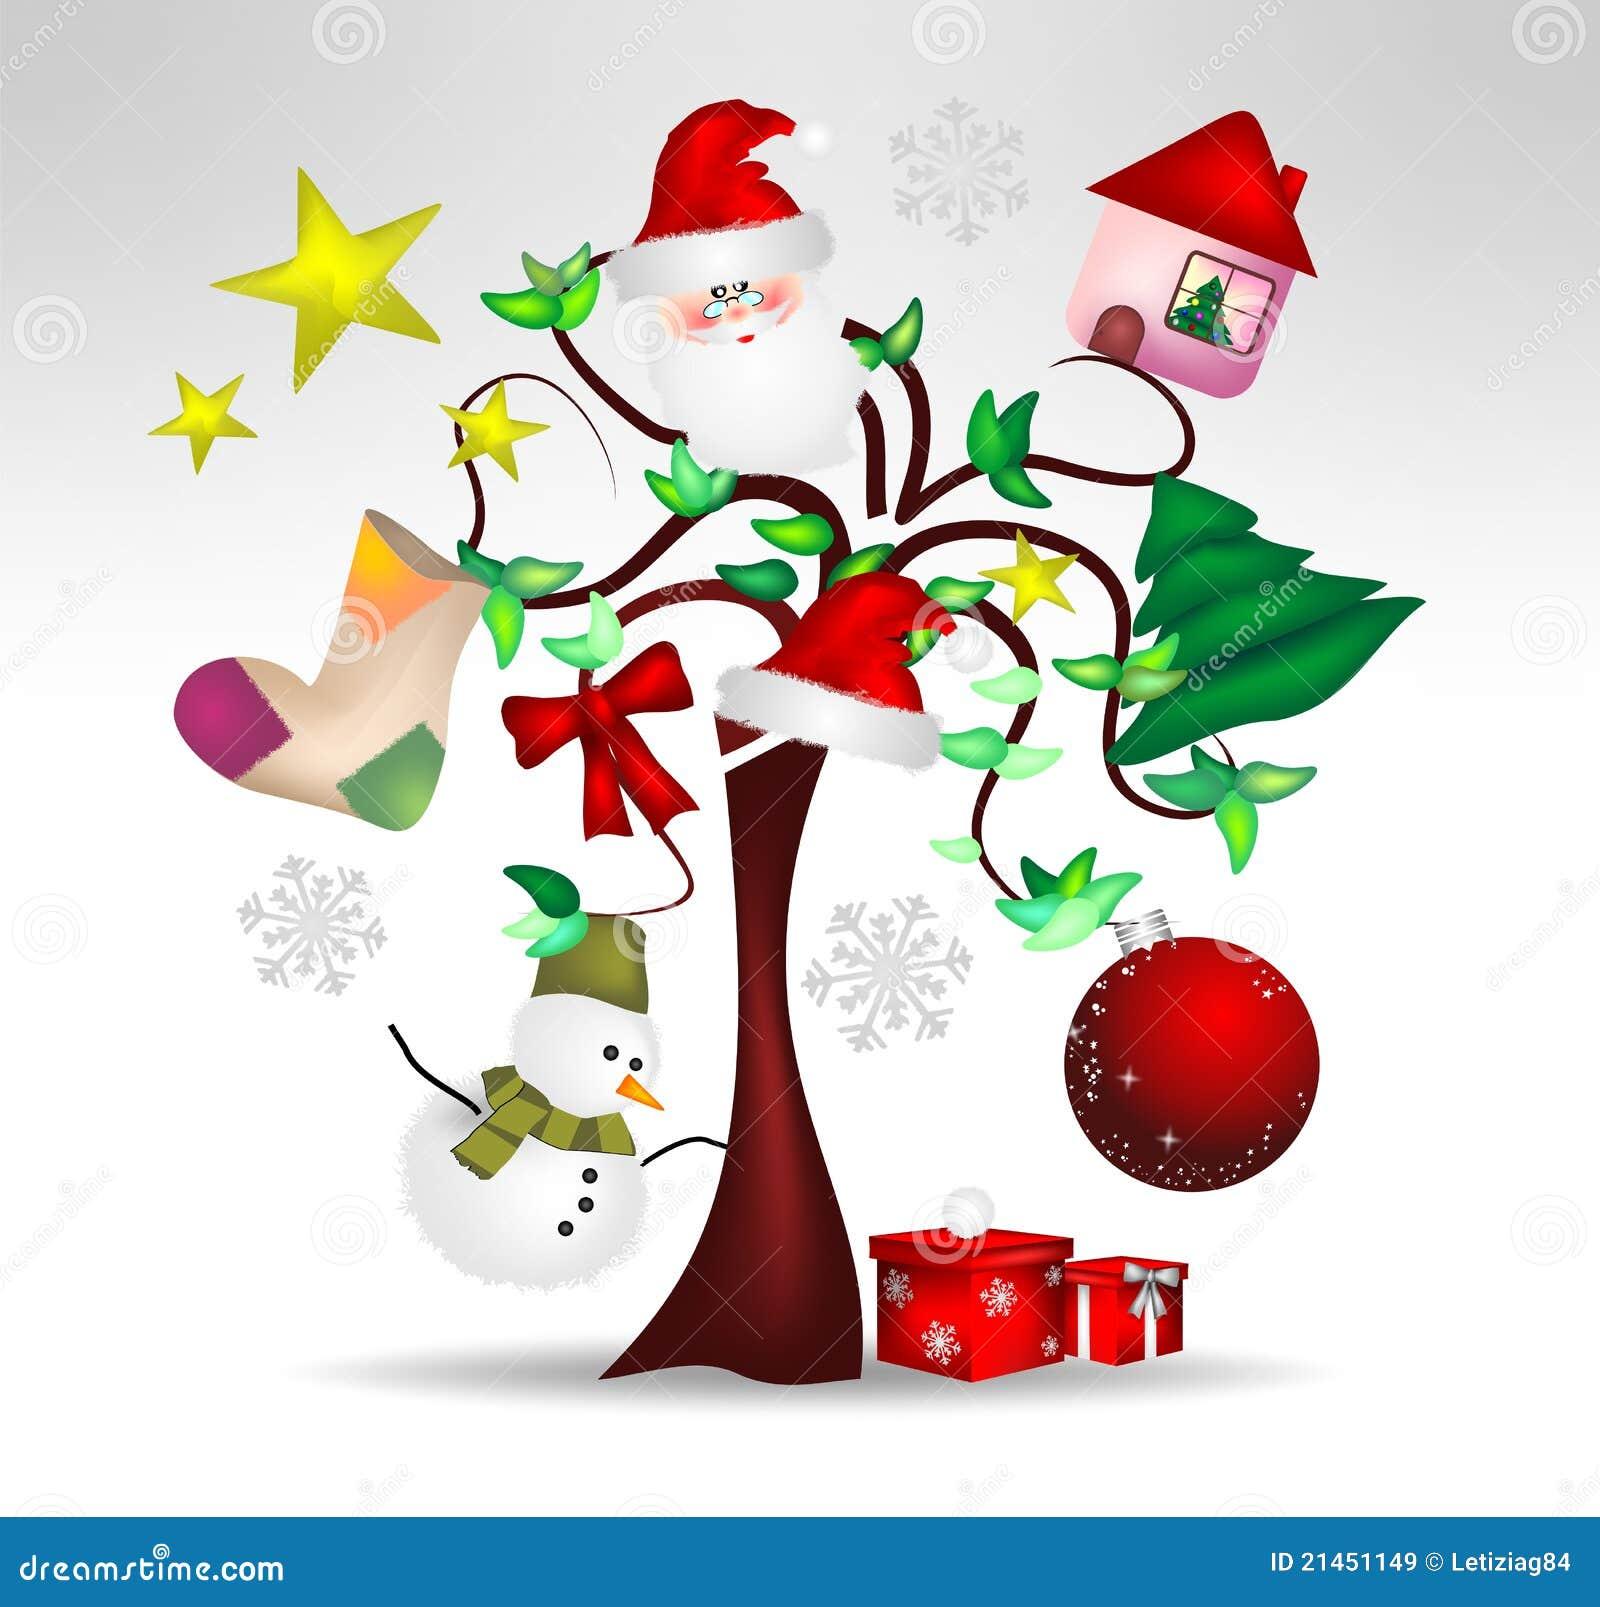 Decoraciones del rbol de navidad y agradable originales - Originales arboles de navidad ...